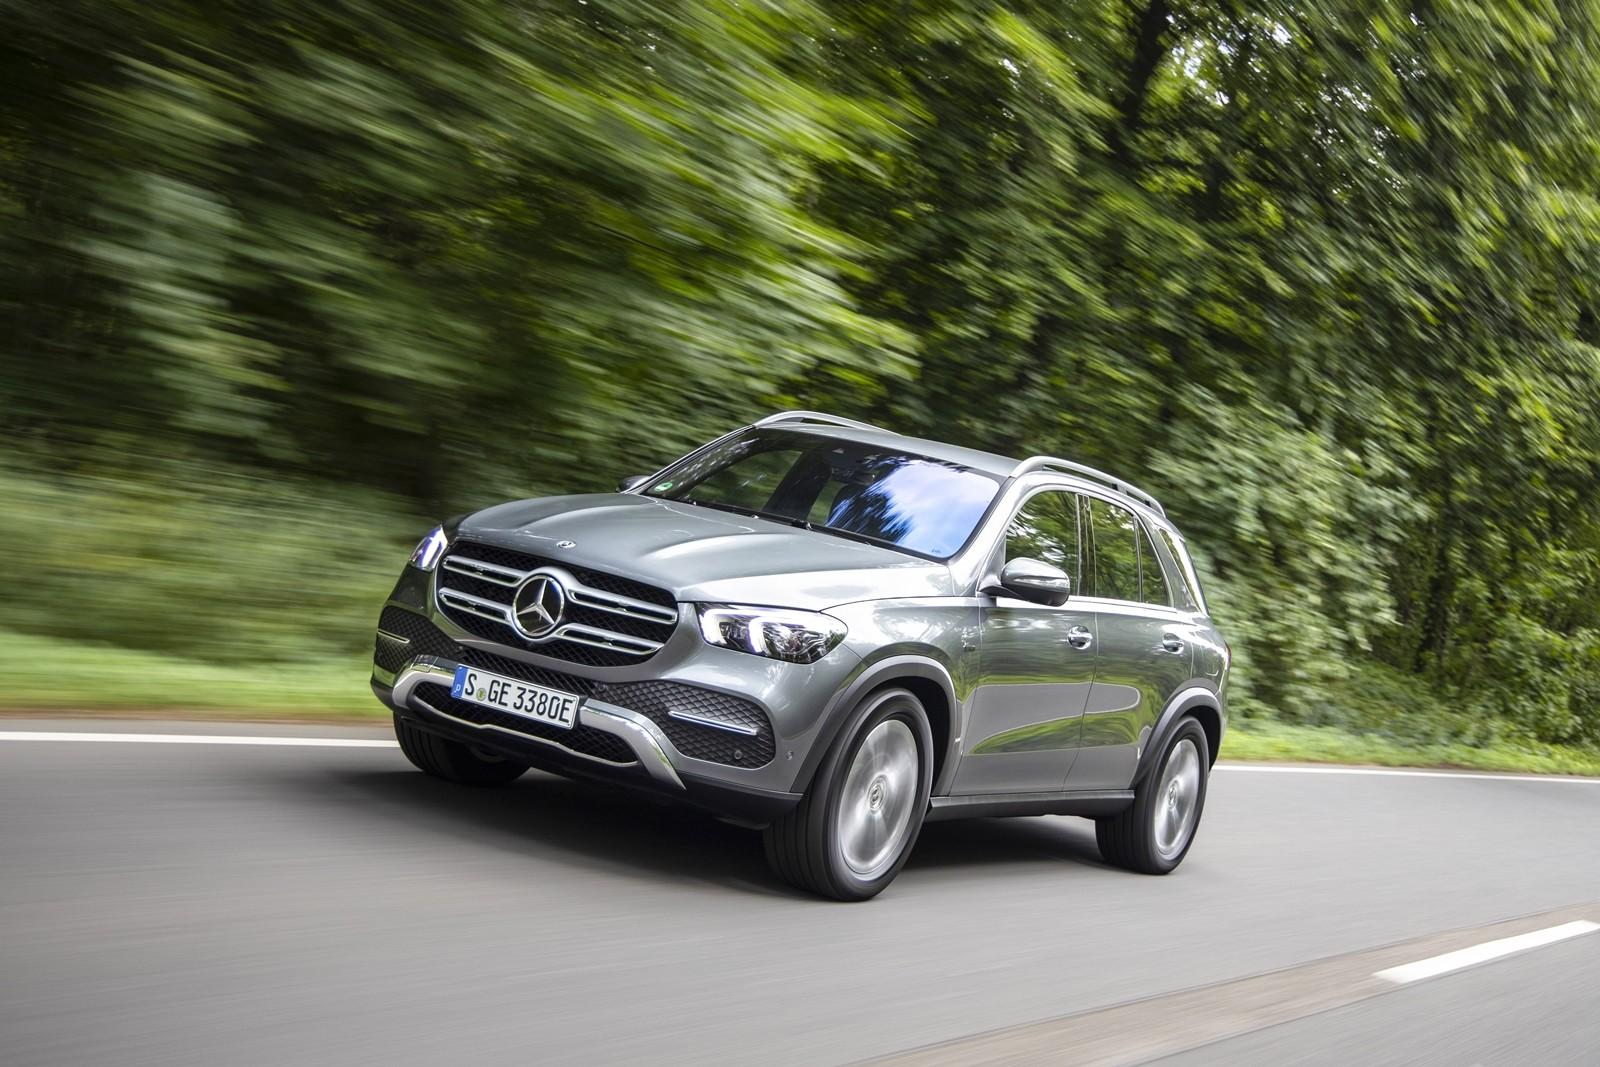 Foto de Mercedes-Benz GLE 350 de y GLC 300 e 2019 (13/13)